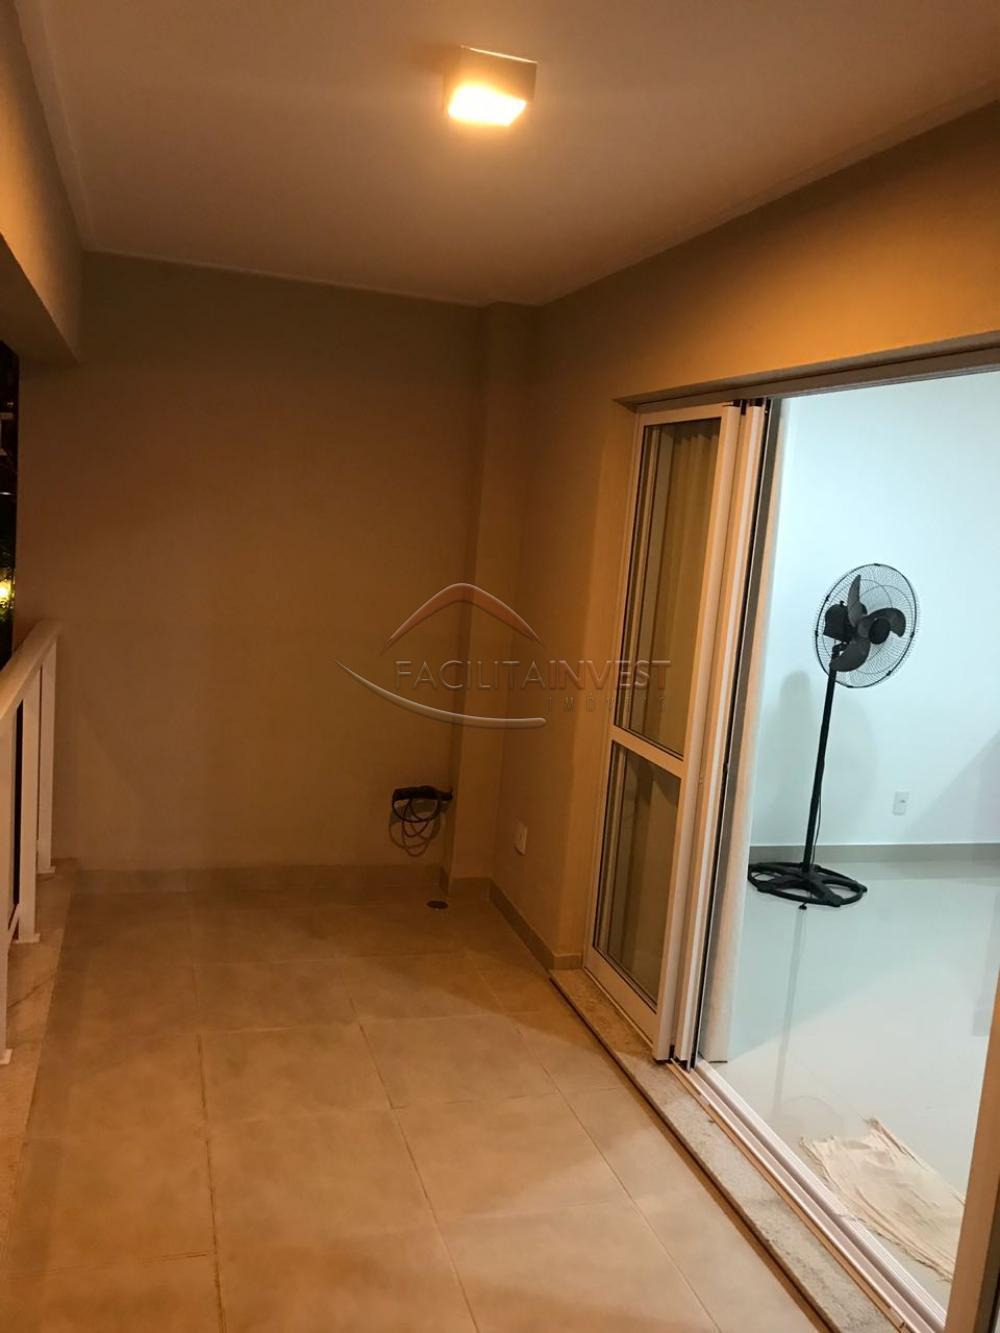 Alugar Apartamentos / Apartamento/ Flat Mobiliado em Ribeirão Preto apenas R$ 1.500,00 - Foto 7